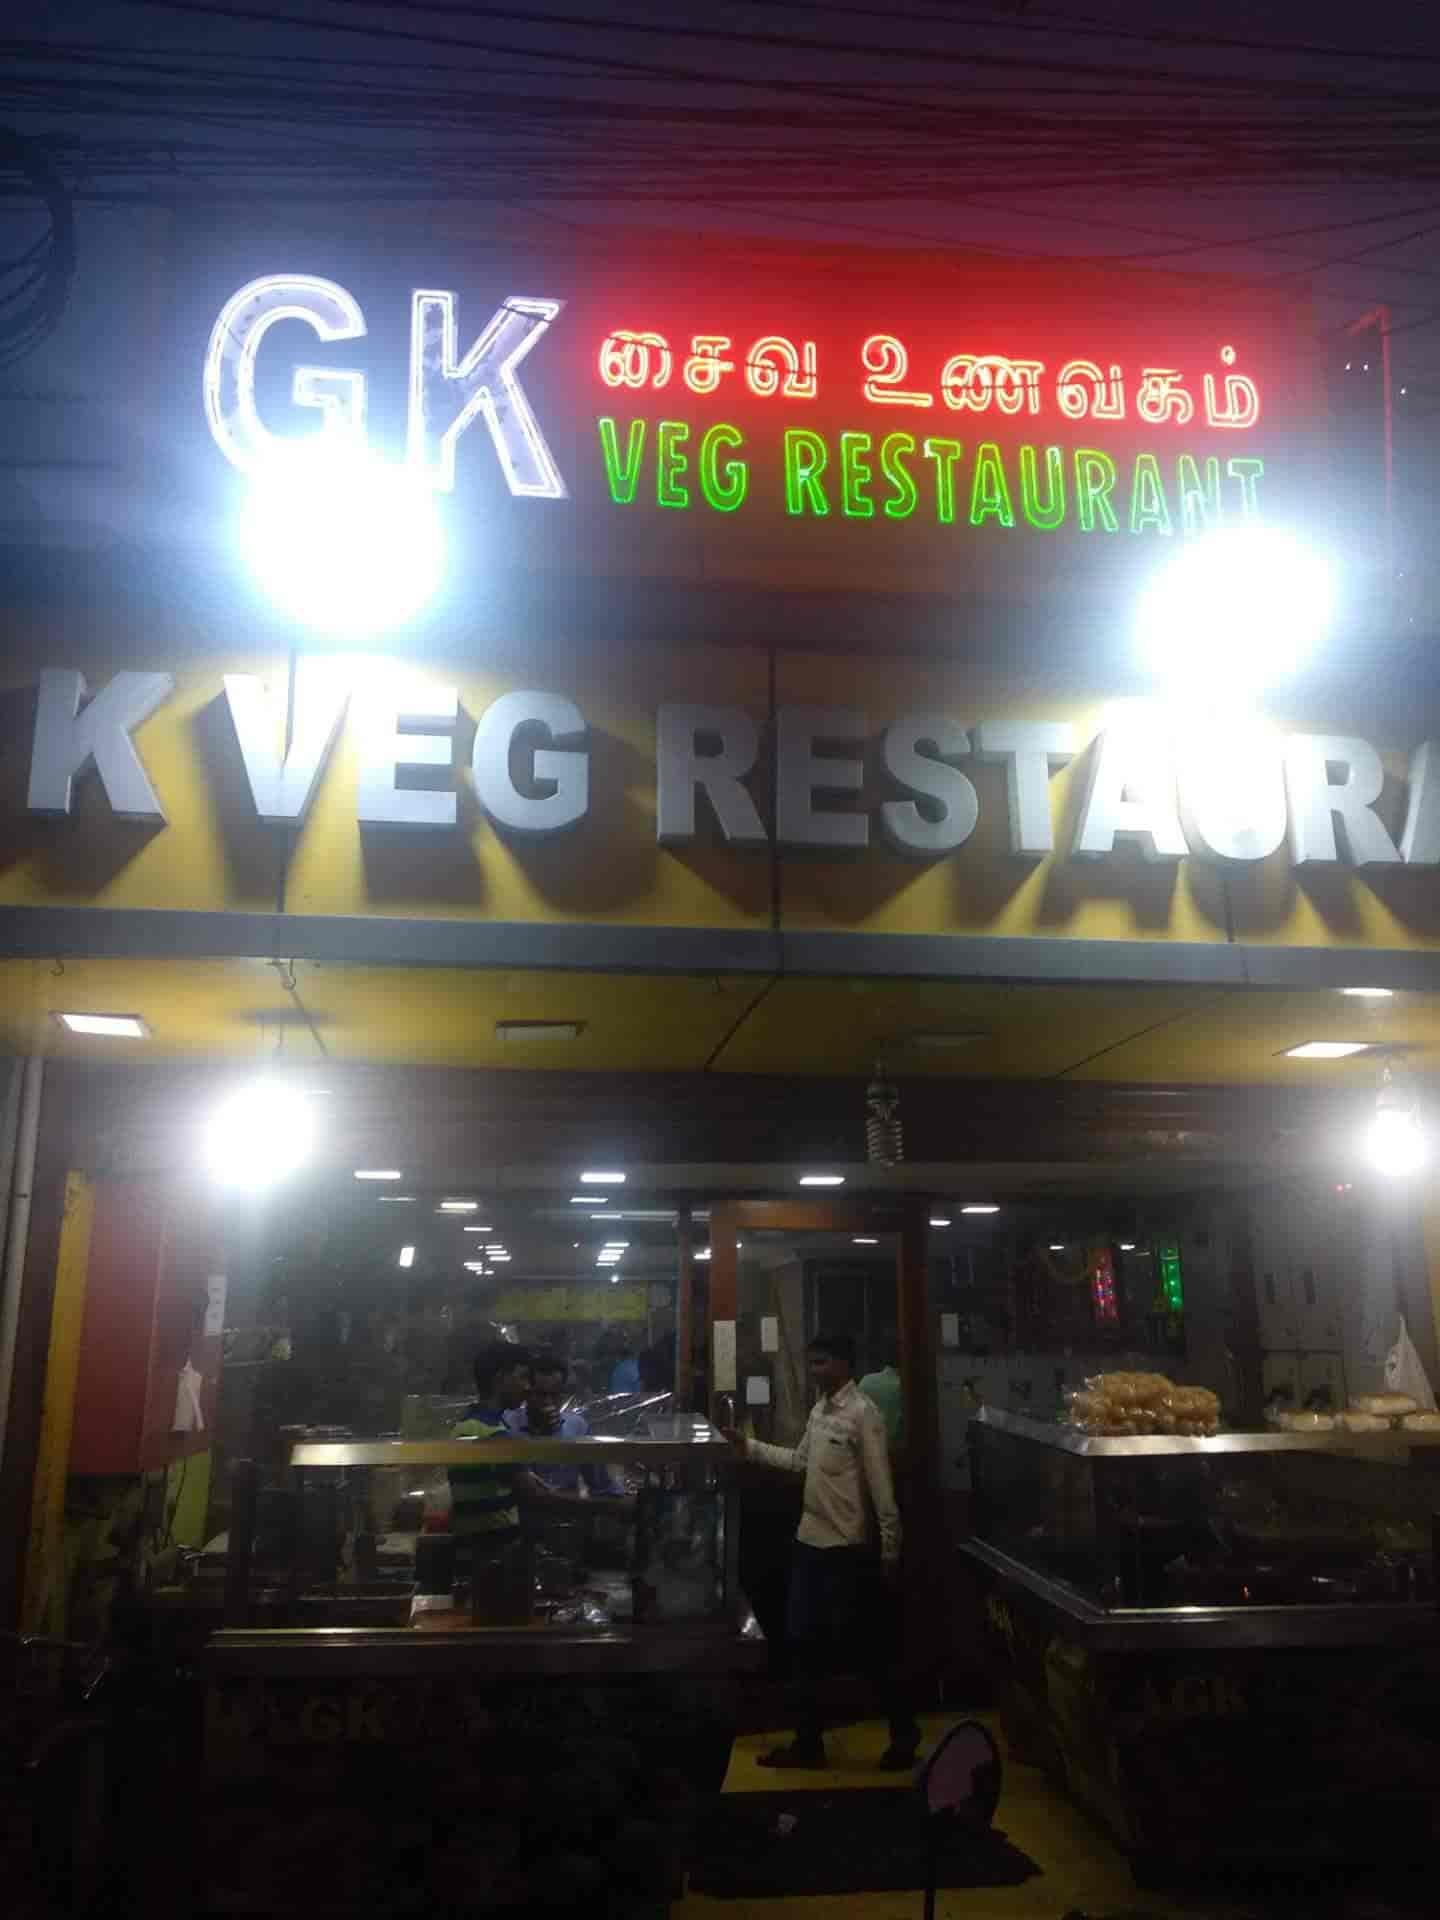 Gk Veg Restaurant Chithlapakkam Chromepet Chennai Chinese North Indian Breakfast South Indian Cuisine Restaurant Justdial